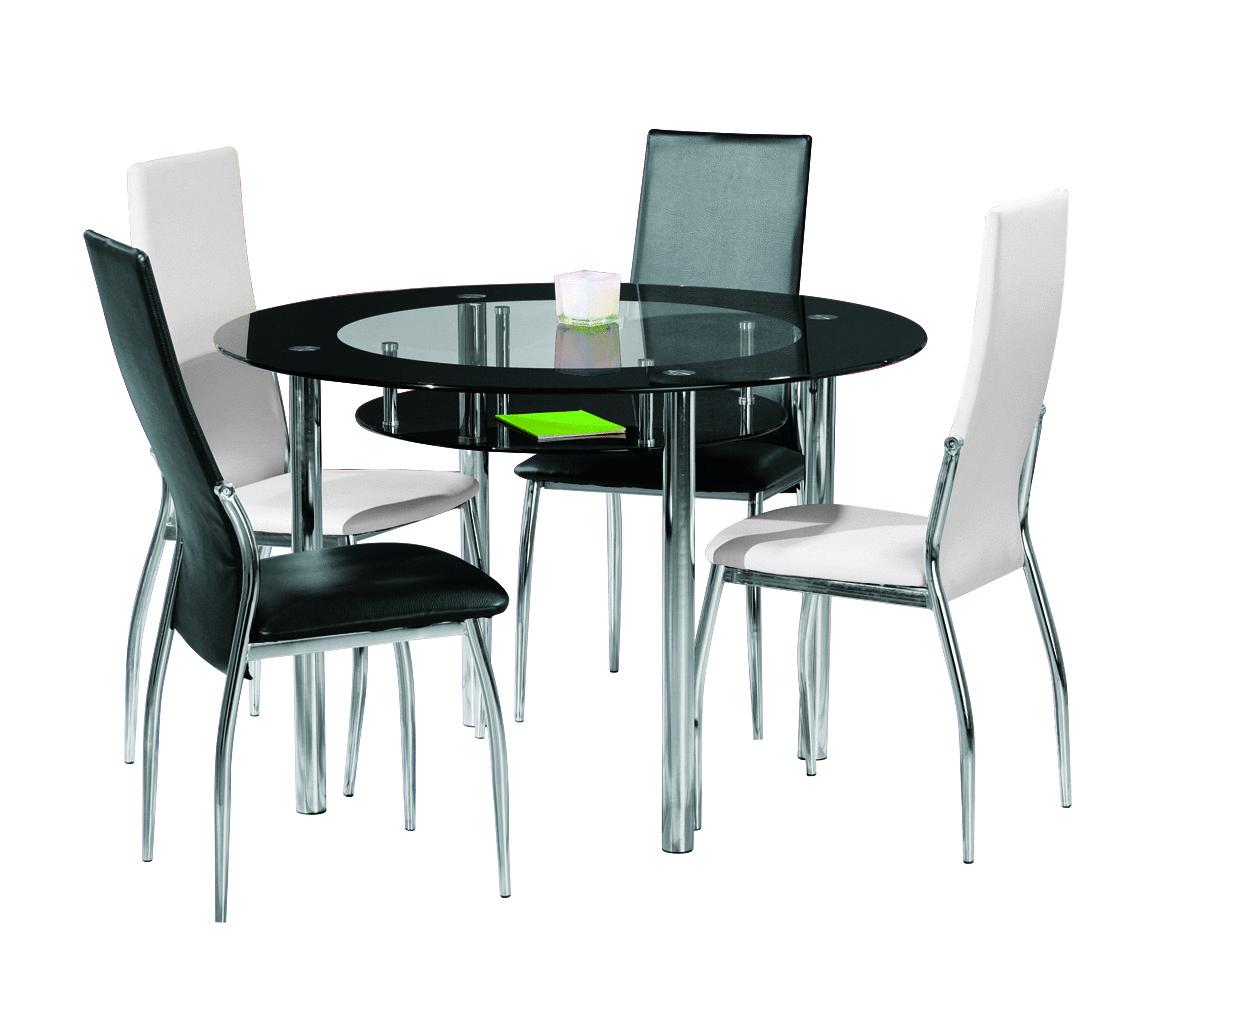 Glass tavolo moderno in vetro tavolo in due modelli per for Mercatone uno tavoli